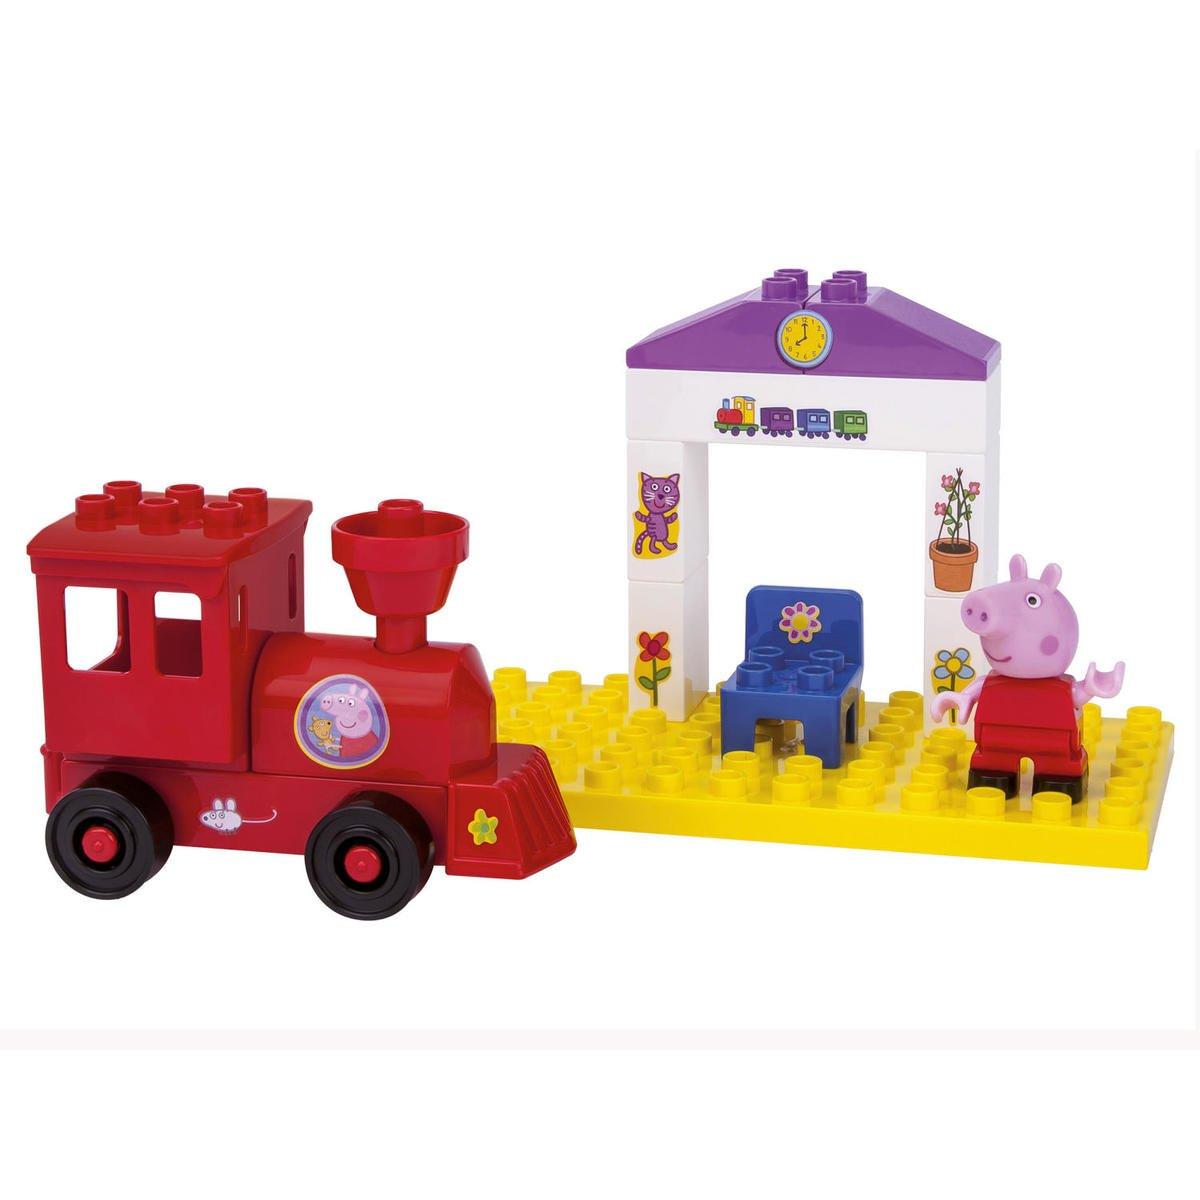 Bild 1 von BIG PlayBIG Bloxx Peppa Train Stop, 800057072